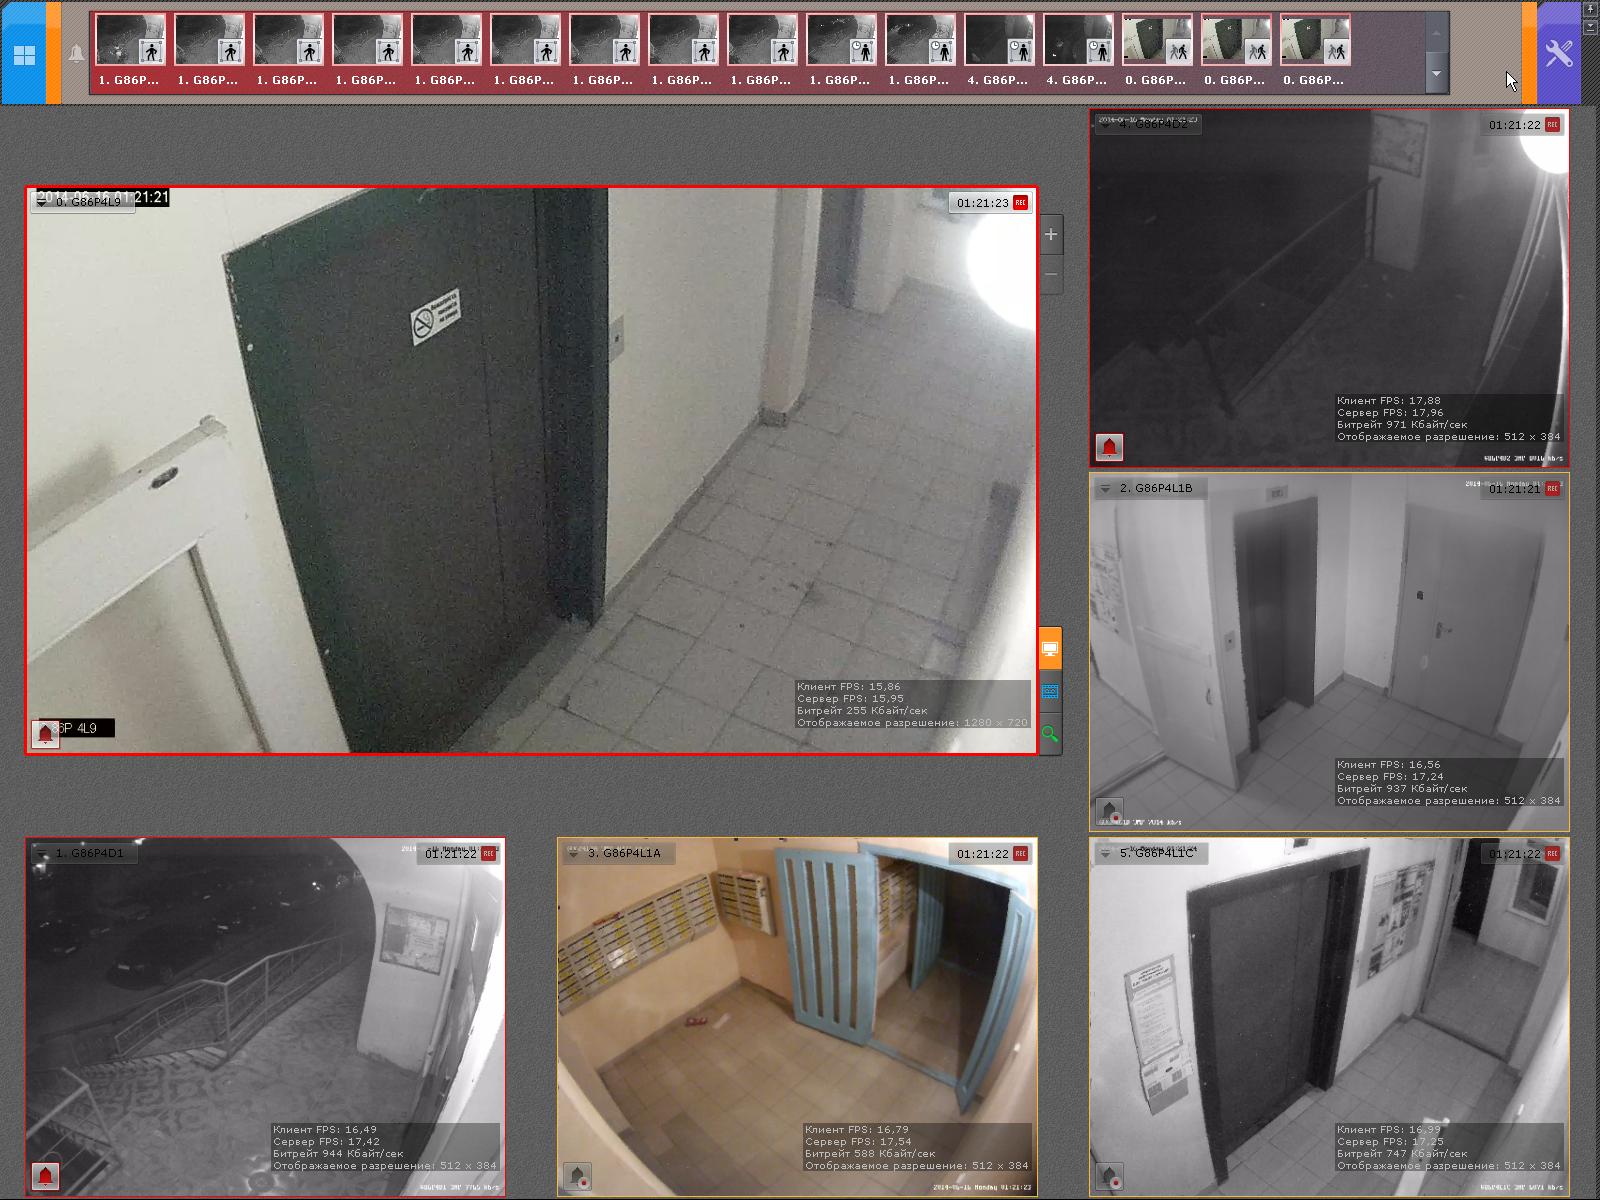 Защита подъезда методом организации разумного видеонаблюдения без консьержа